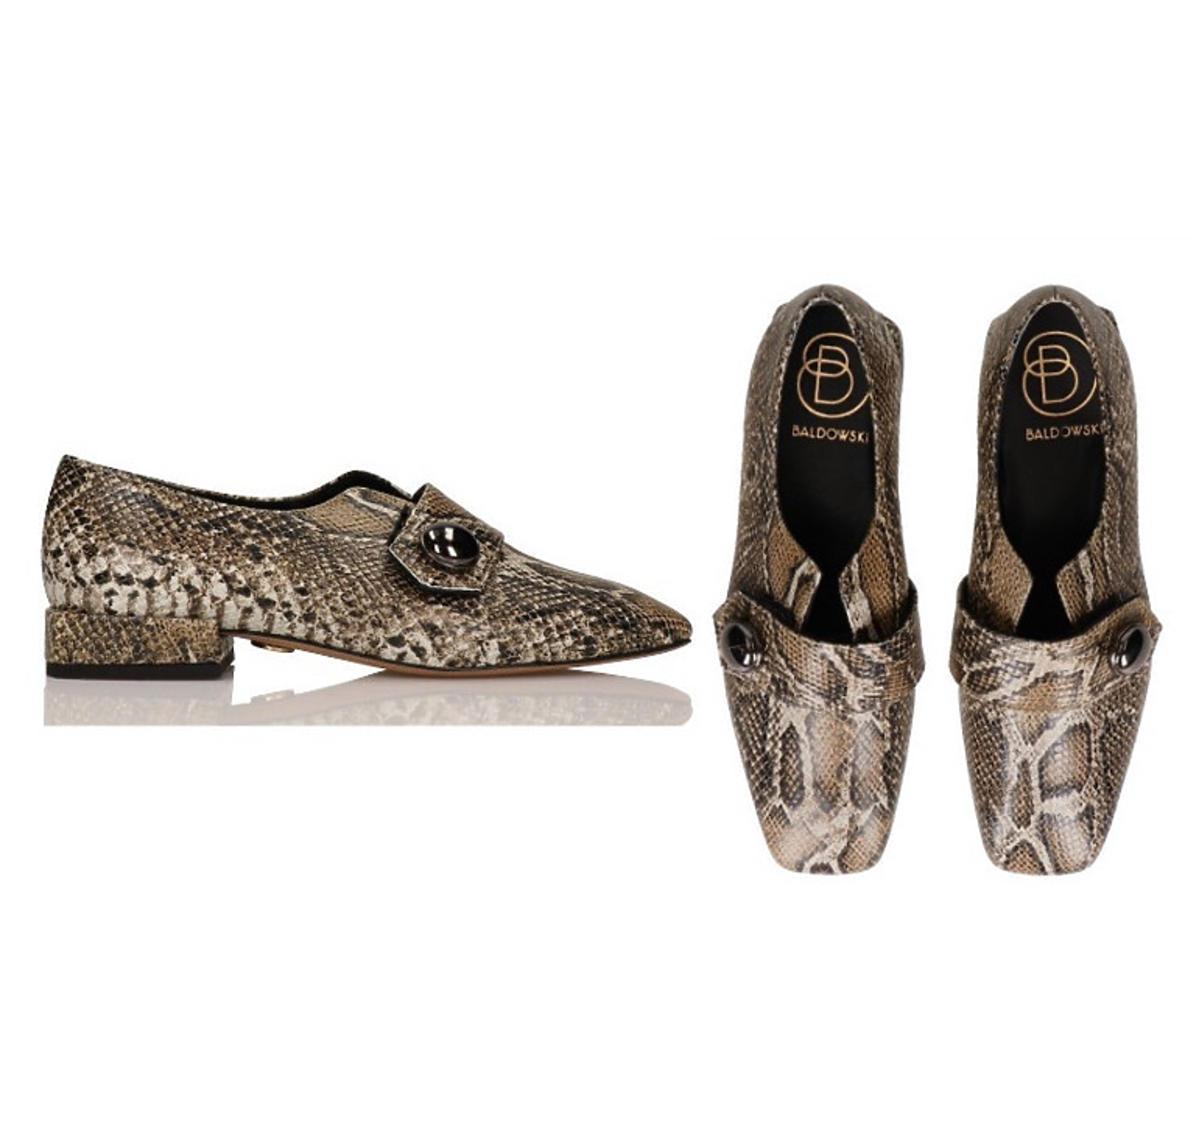 Mokasyny wykonane z imitacji wężowej skóry, Baldowski, 490 złotych.